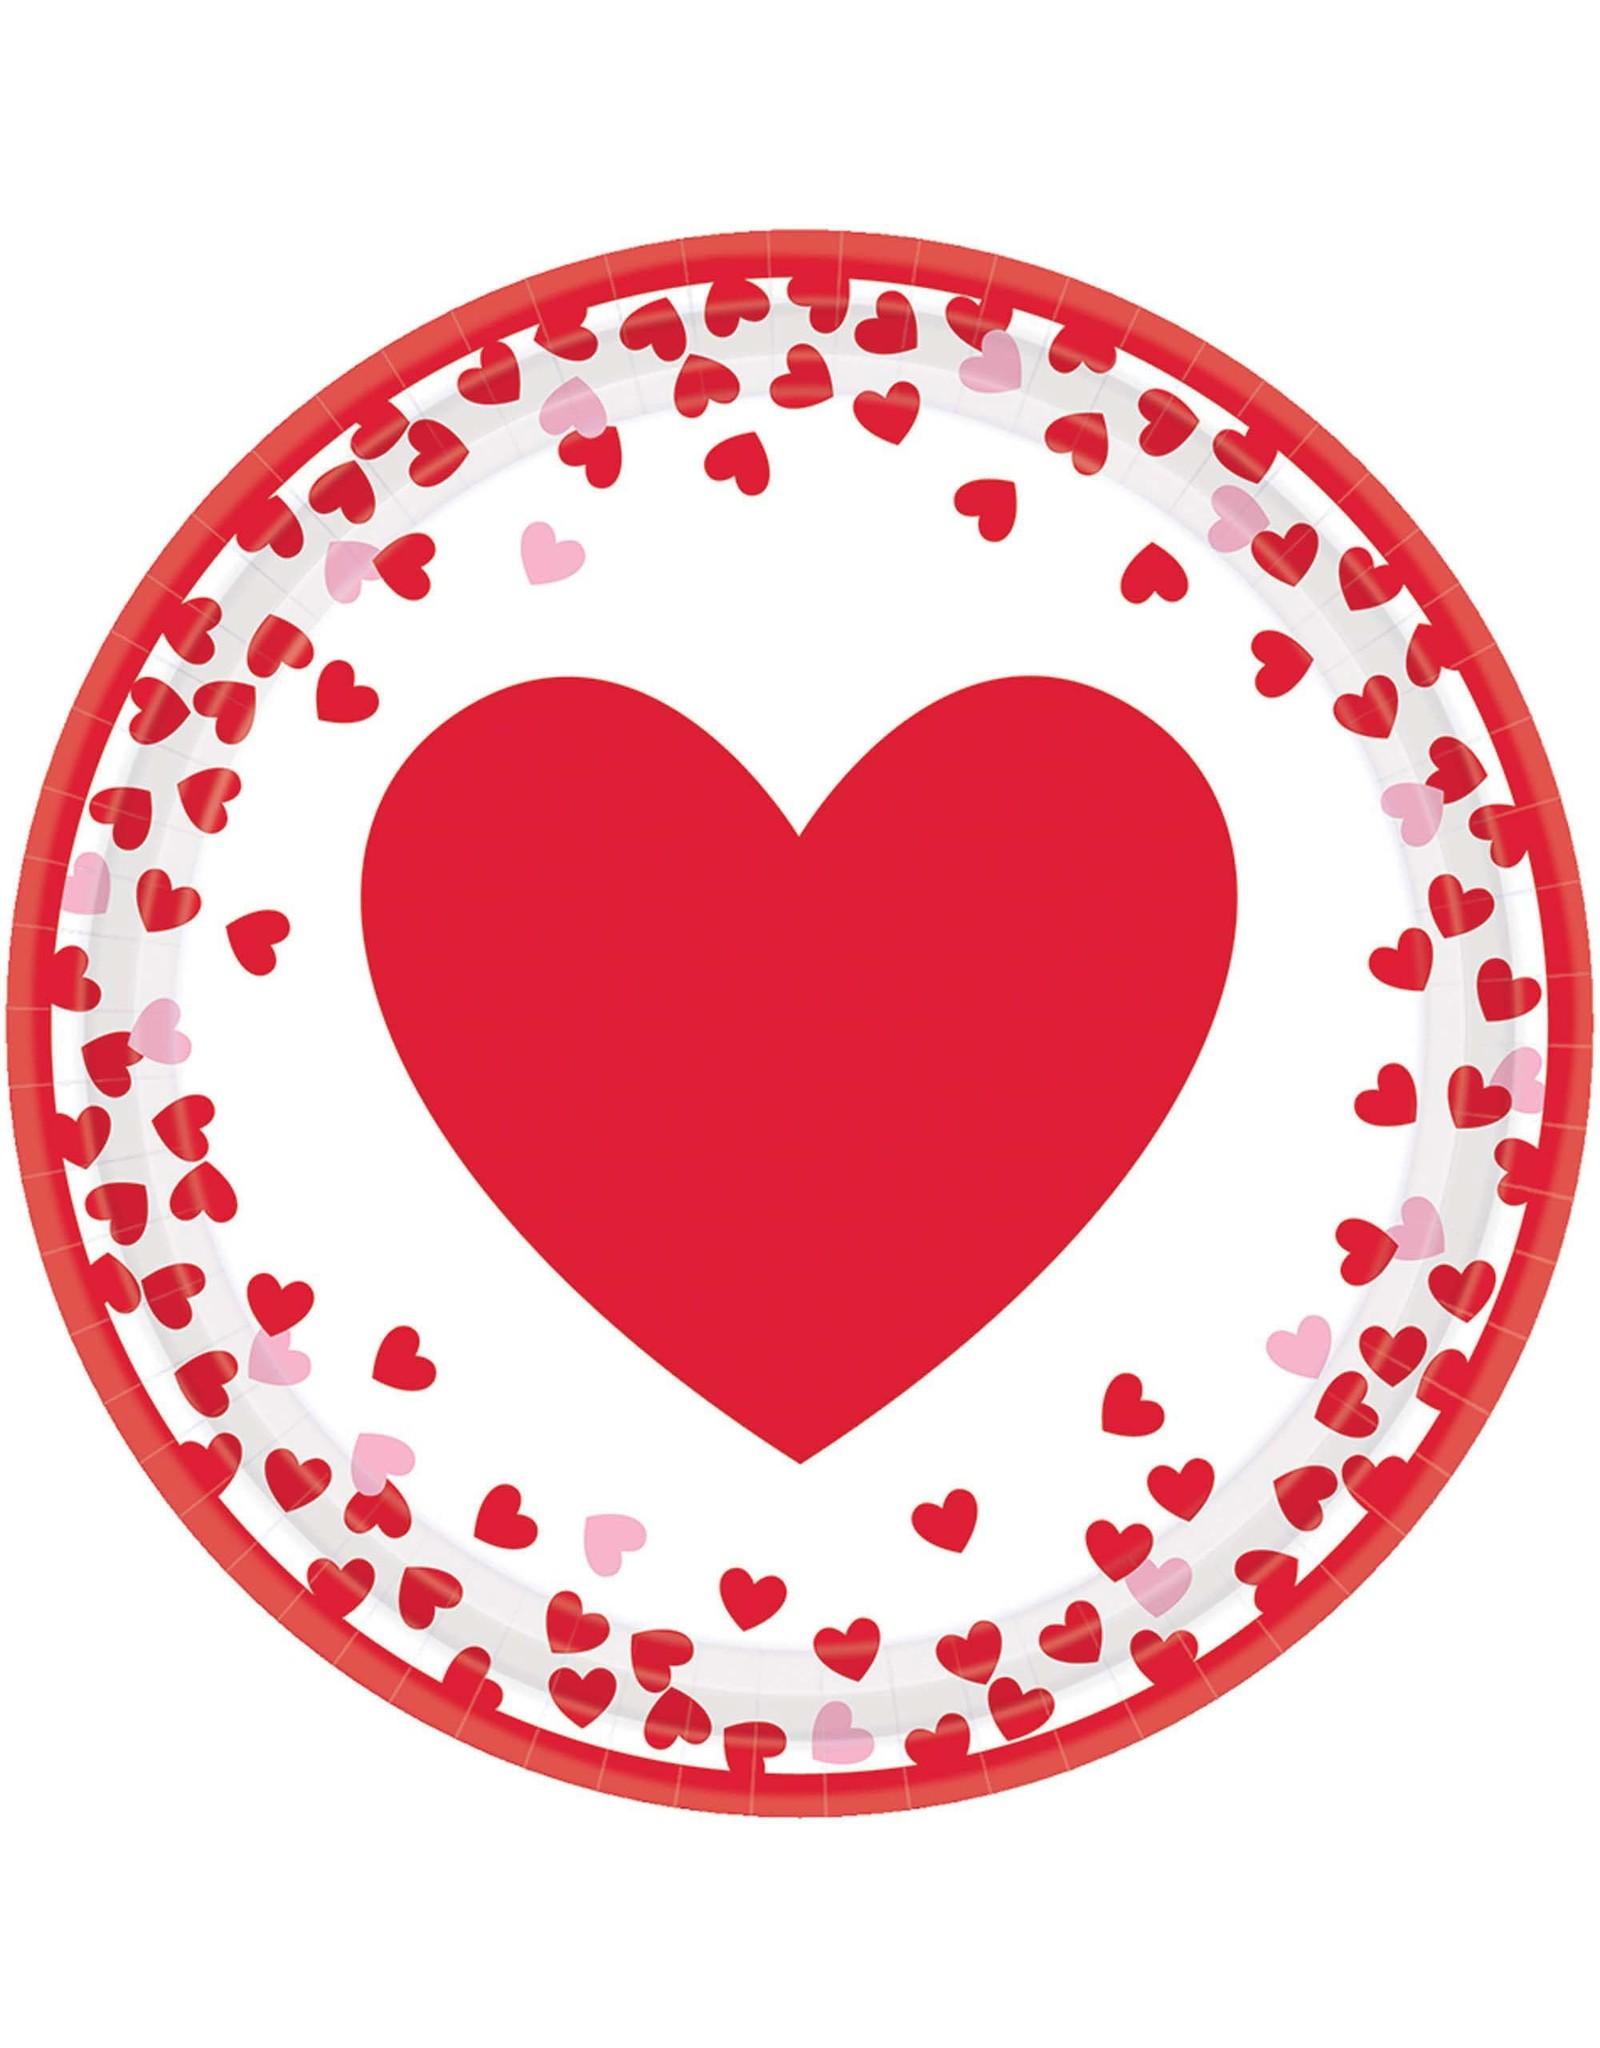 Amscan Confetti Hearts 7in Plate - 8ct.